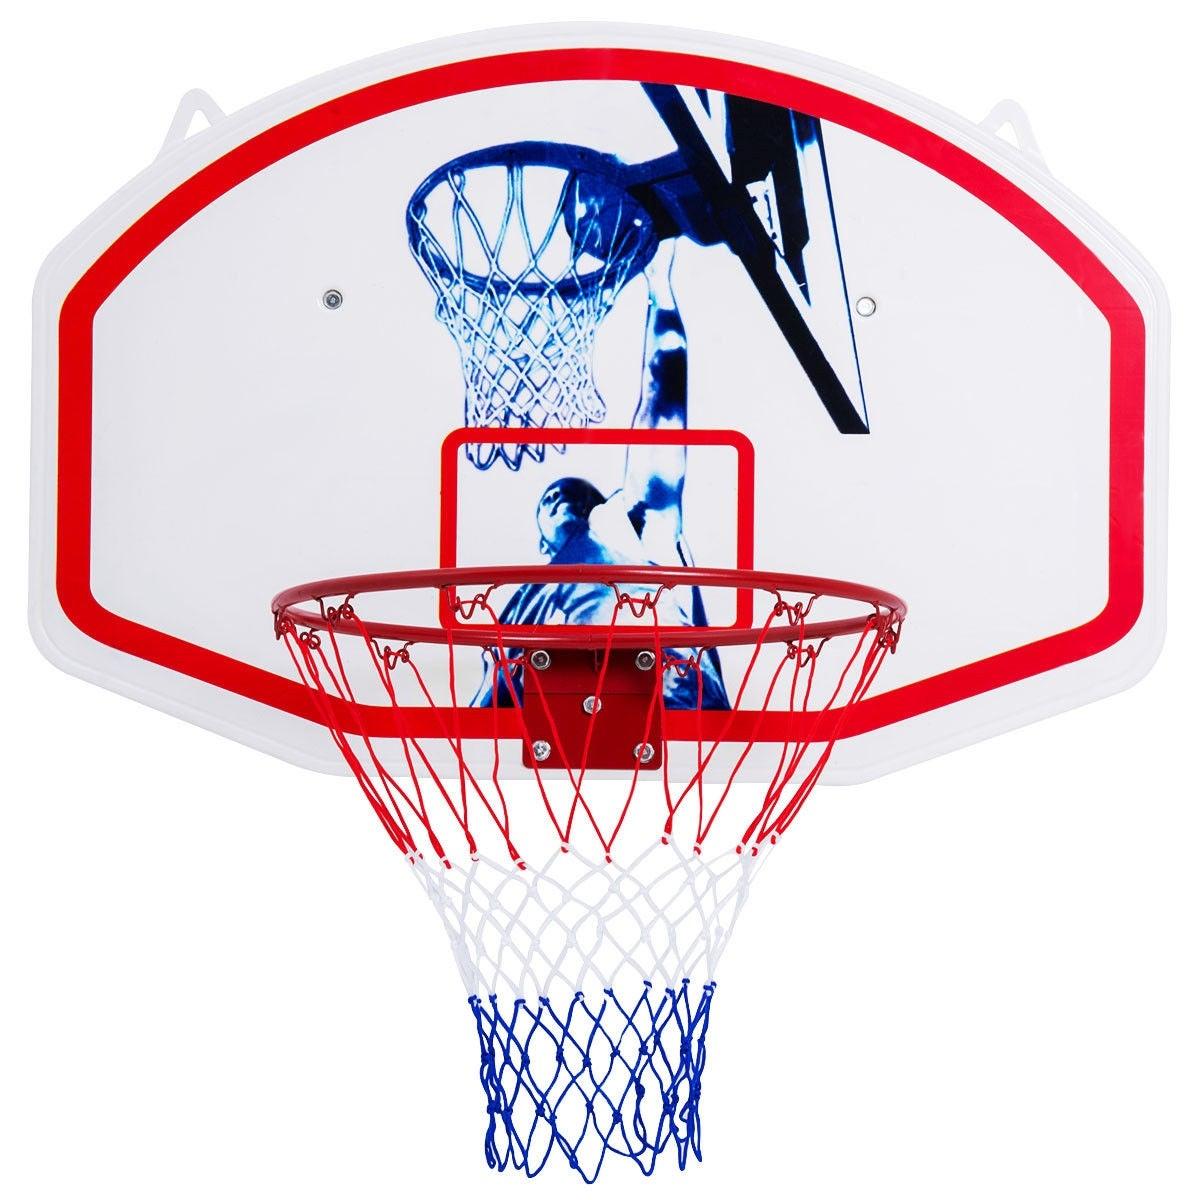 Gymax 35   x 24   Wall Mounted Mini Basketball Hoop Backboard   Rim Combo  Indoor Sports 86c2e2cdfa3d